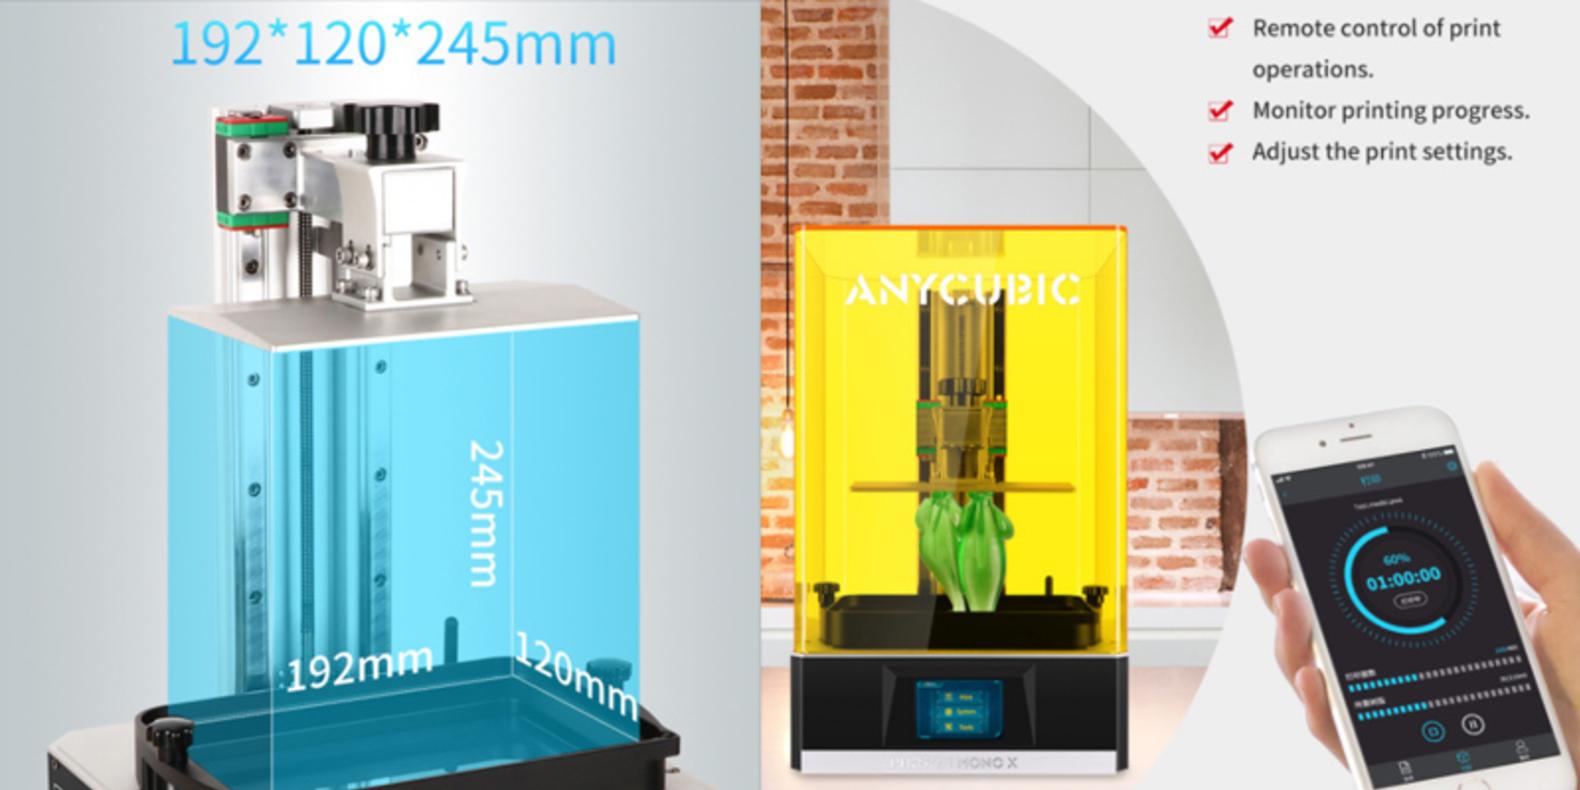 Anycubic Photon Mono X apporte un grand volume construit et une vitesse d'impression rapide avec un écran LCD monochrome